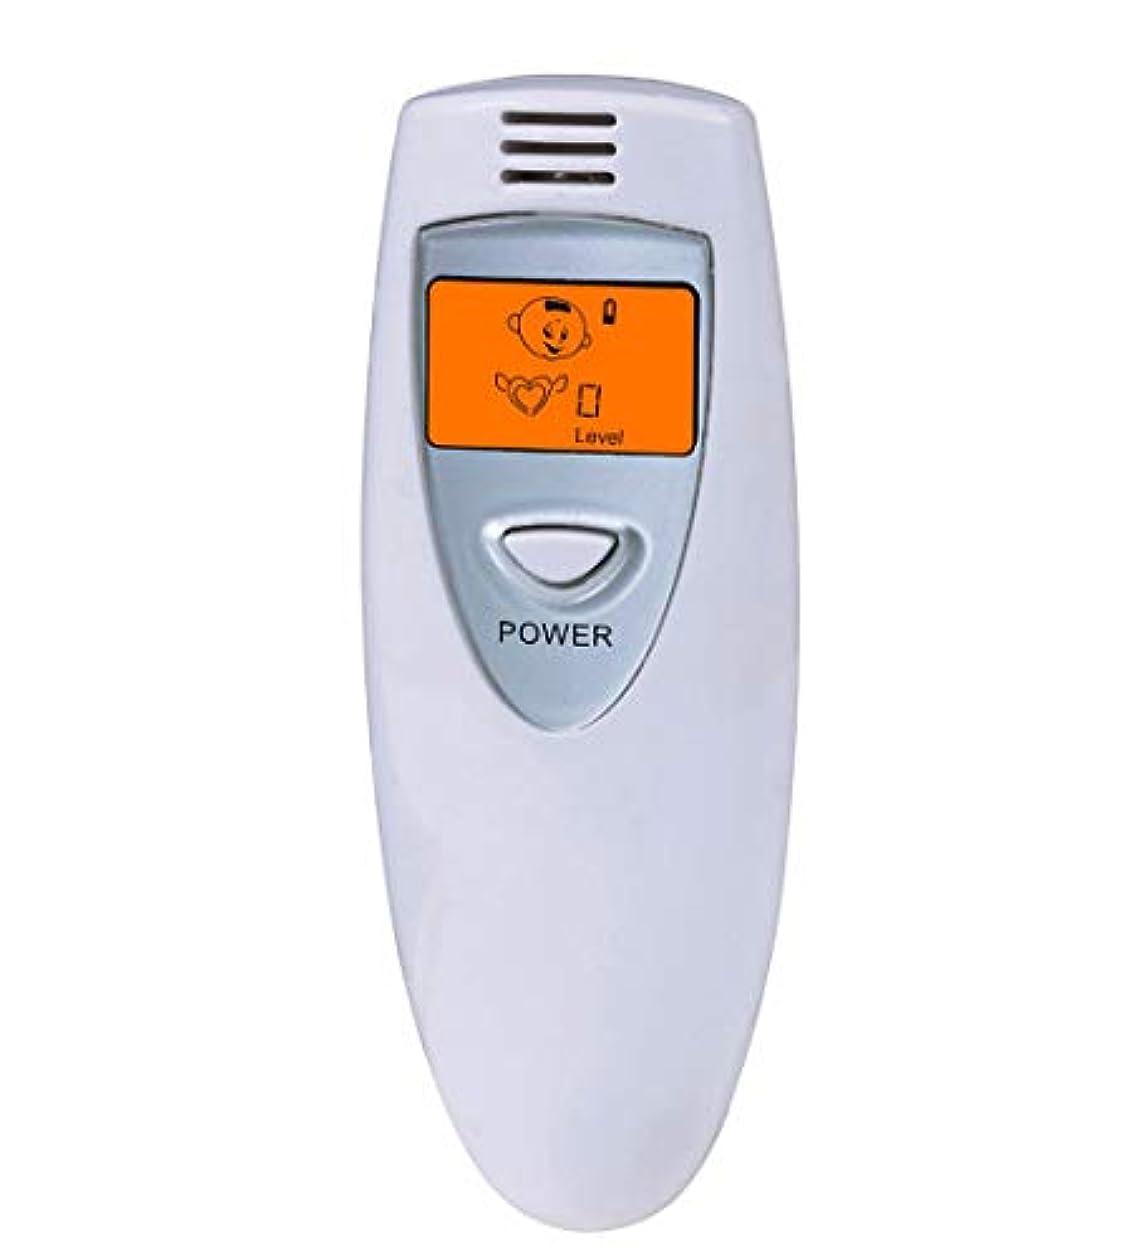 【瞬時測定】 携帯ブレスチェッカー デジタル口臭チェッカー 5段階レベル表示 コンパークト口臭予防検査器 大人子供エチケット (Grey)